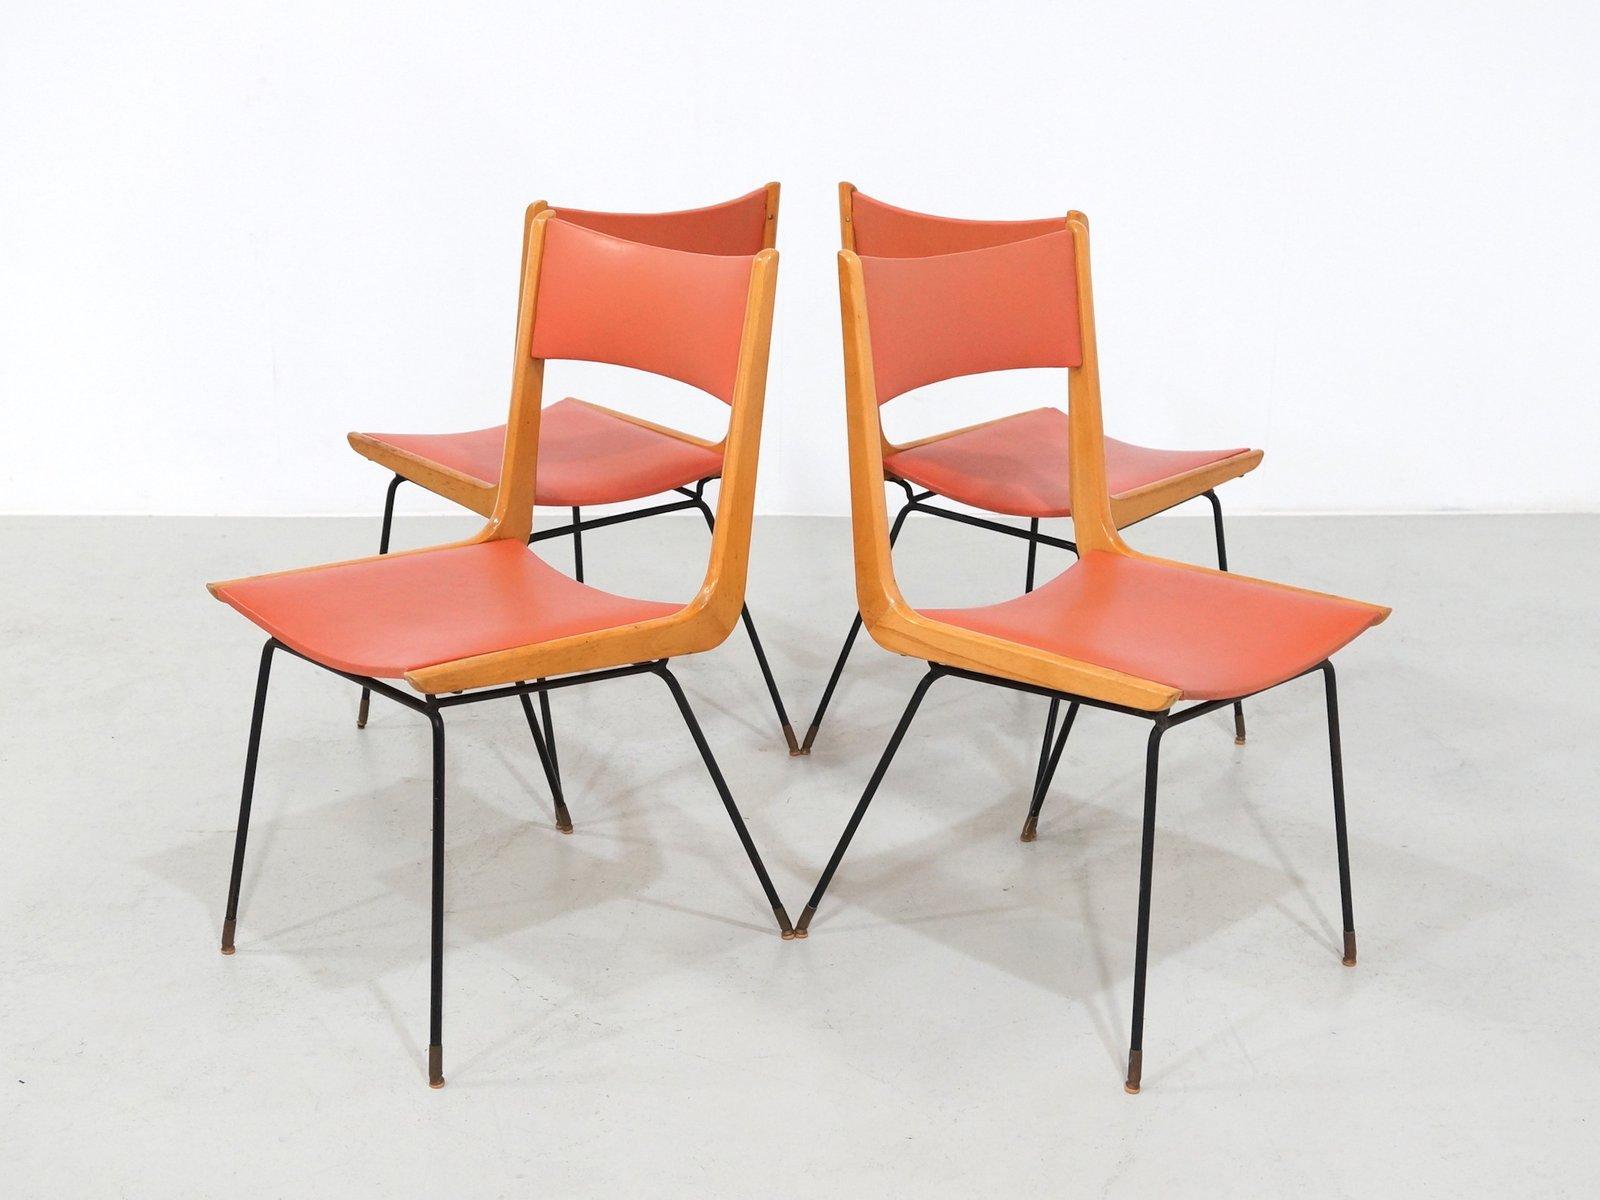 italienische boomerang st hle von carlo ratti 1950er 4er set bei pamono kaufen. Black Bedroom Furniture Sets. Home Design Ideas